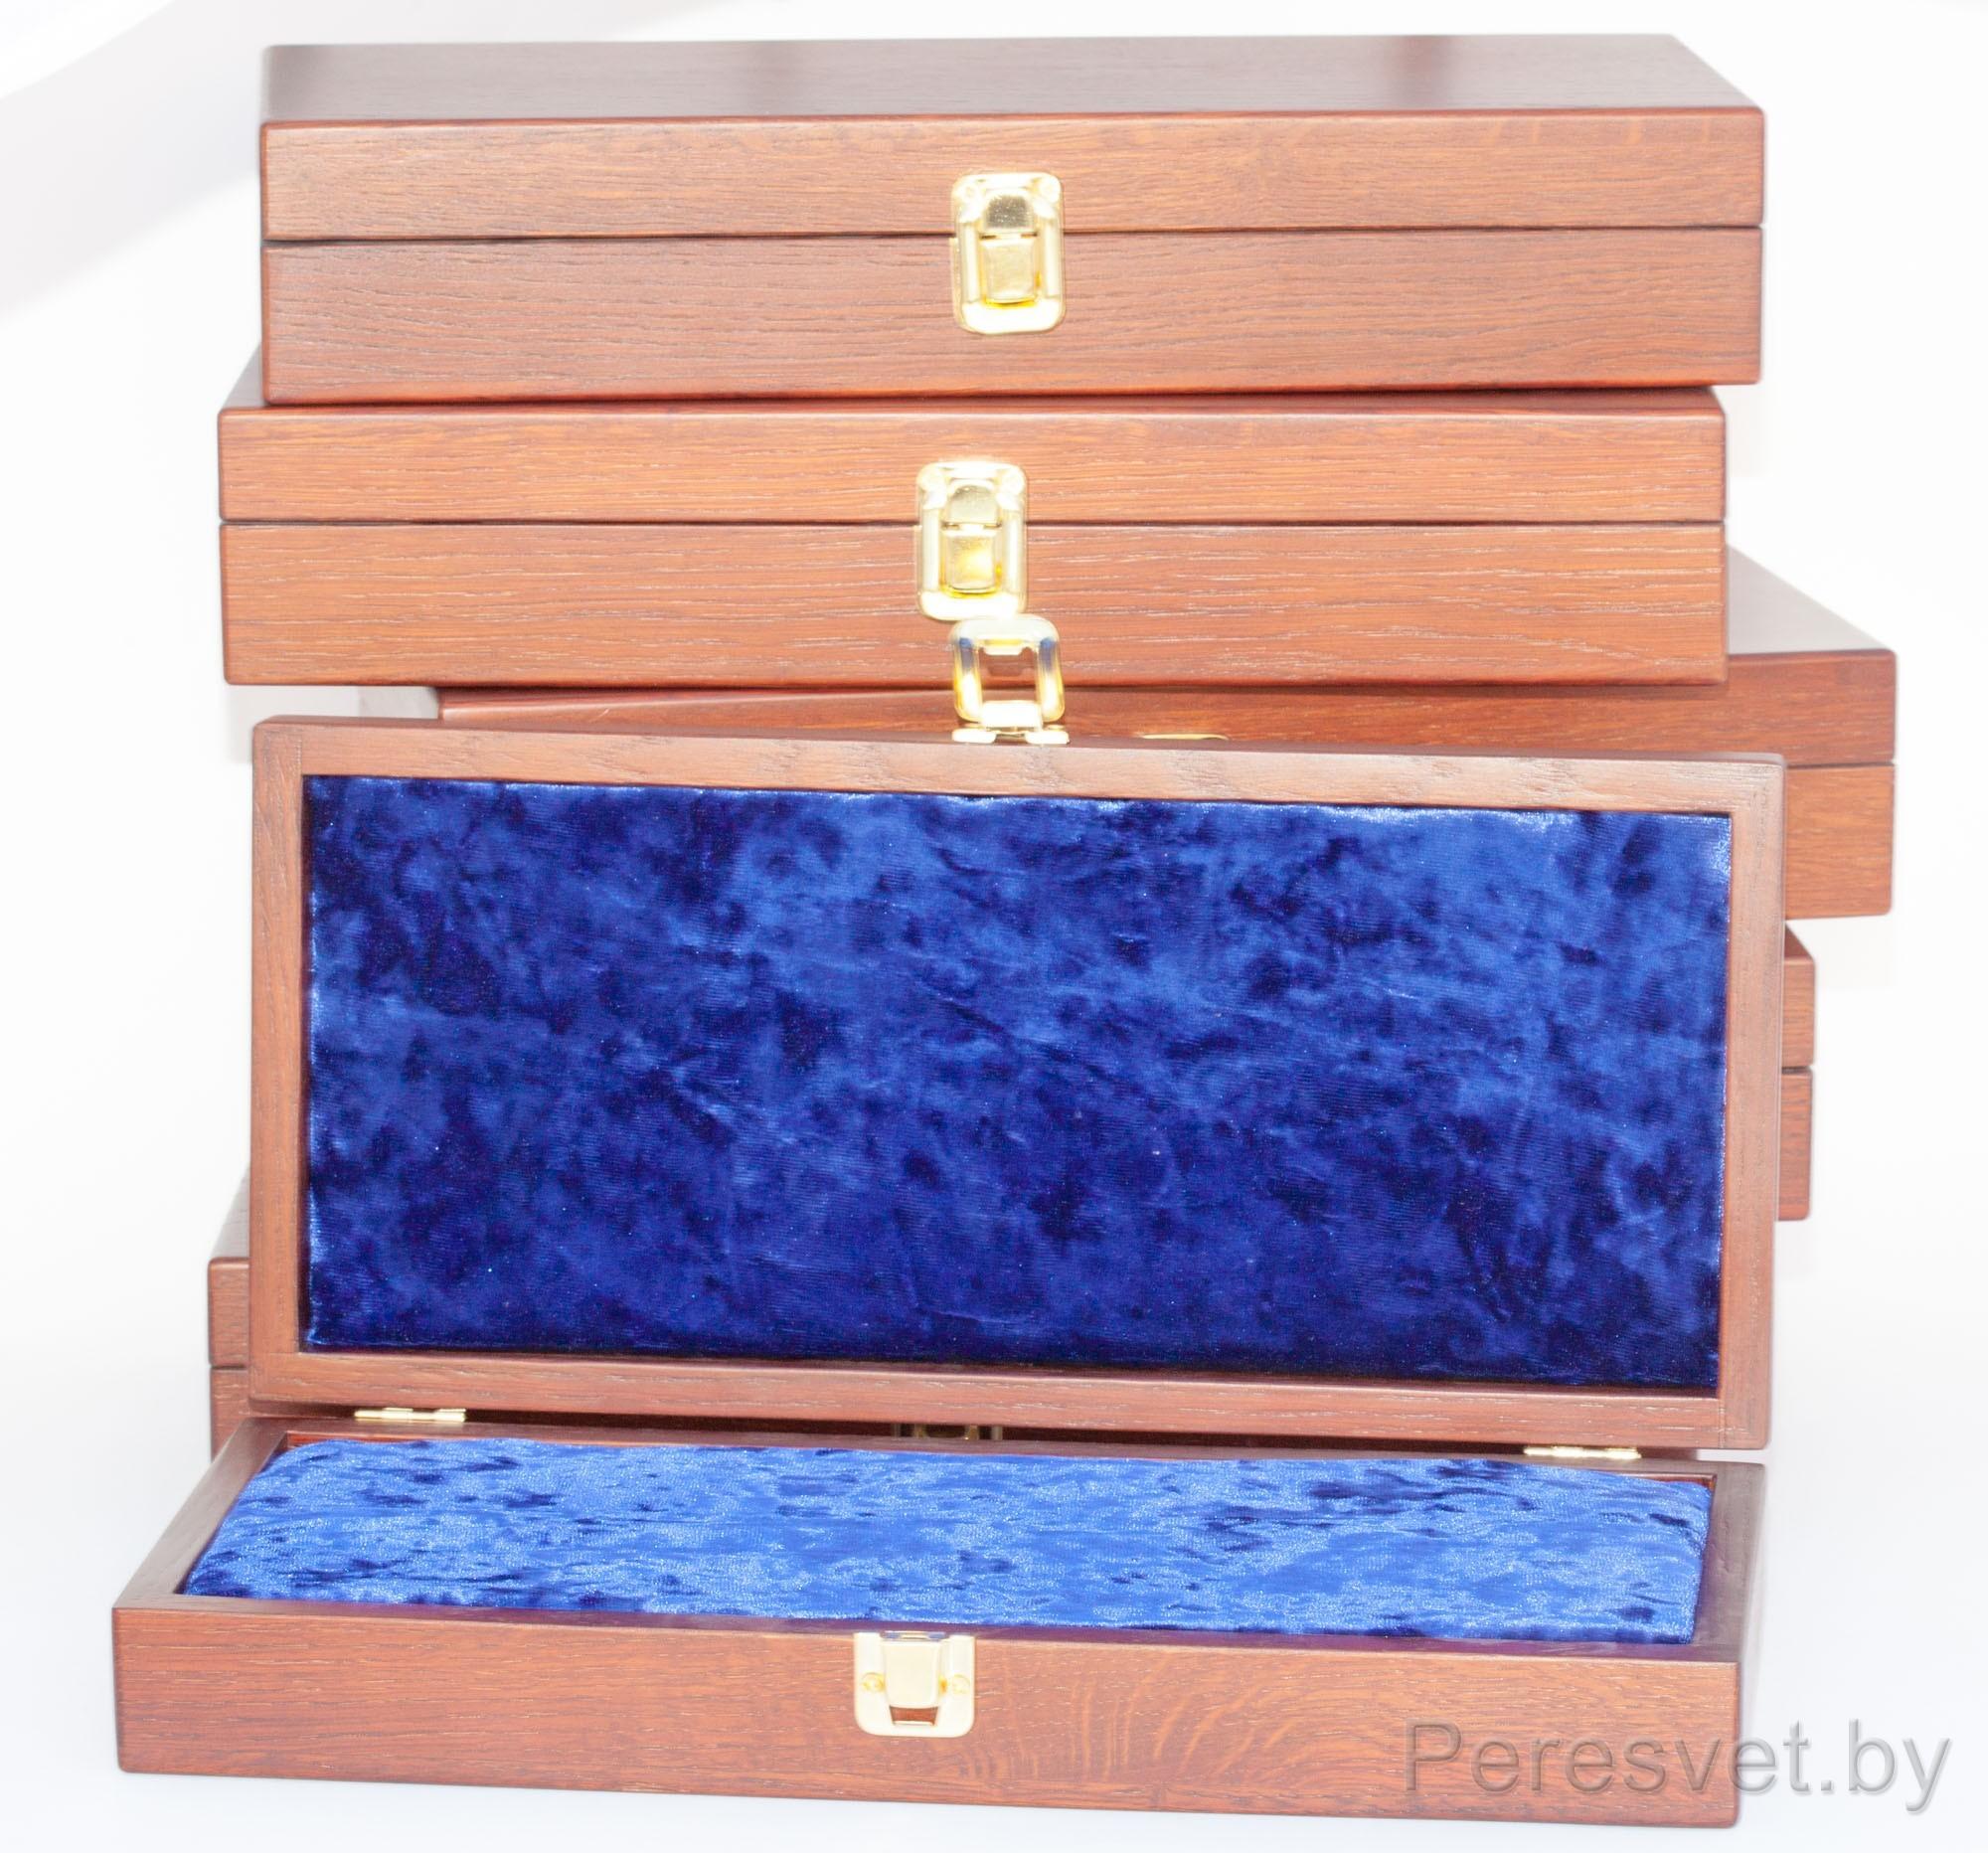 Деревянная упаковка для подарков Элегант массив дуба опт на peresvet.by